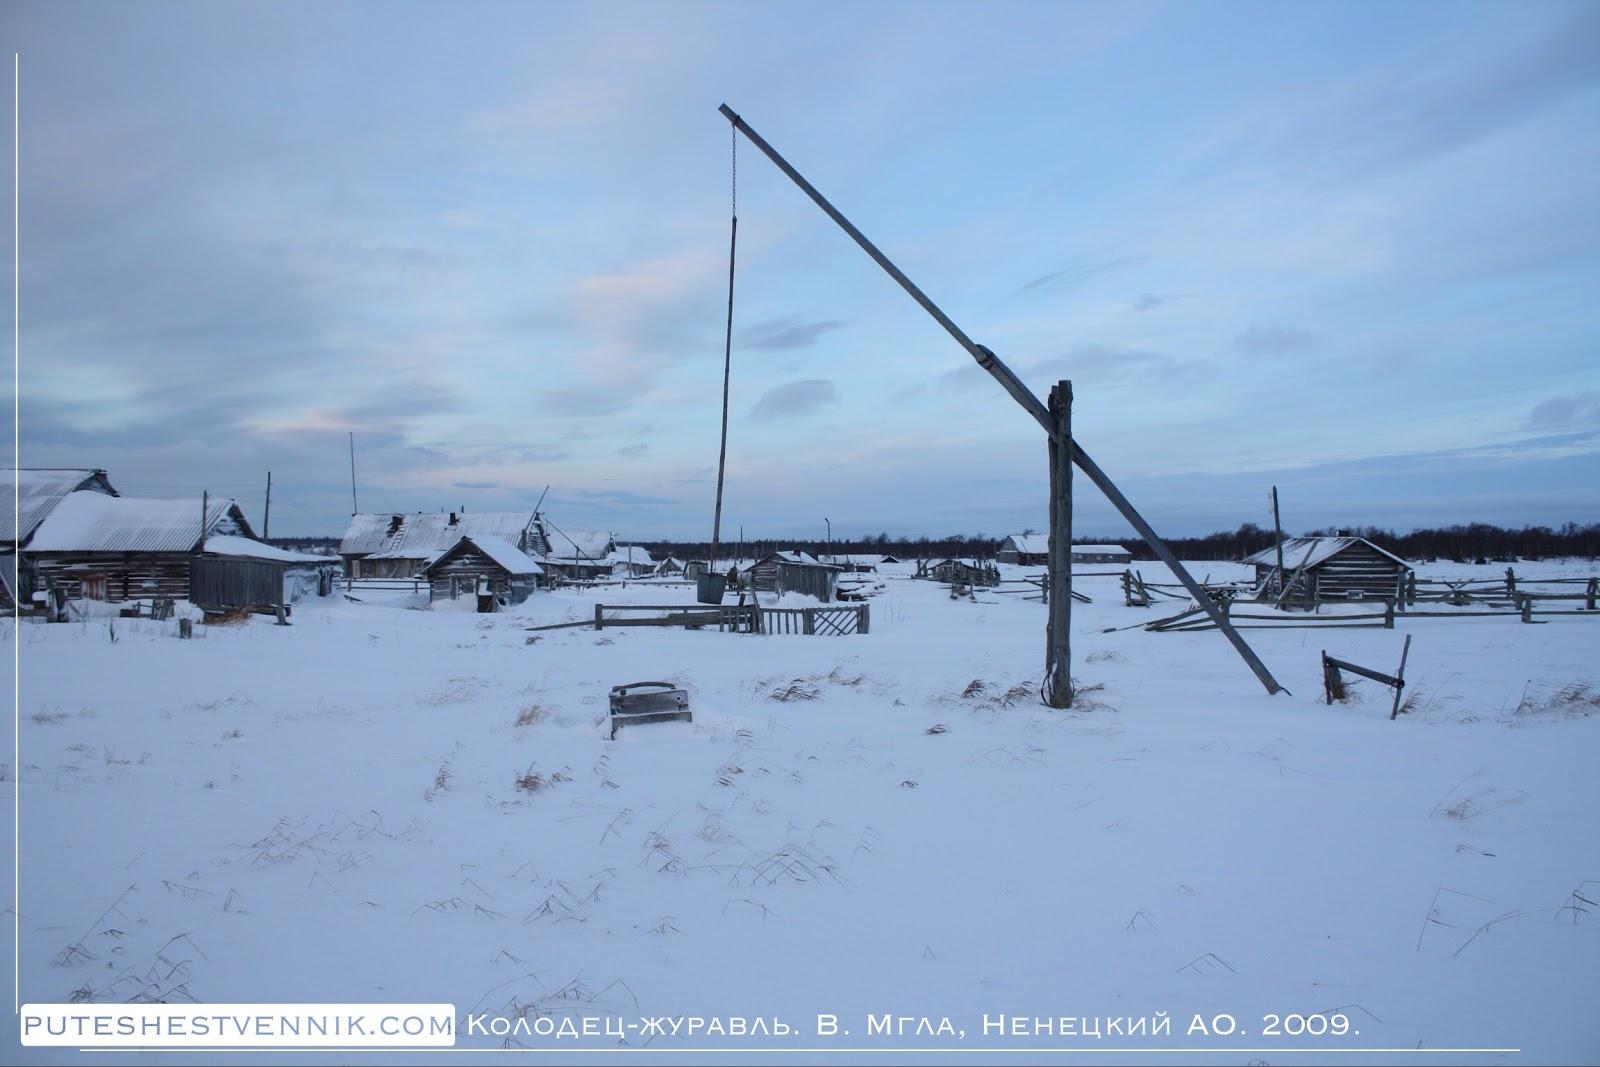 Колодец-журавль в русской деревне